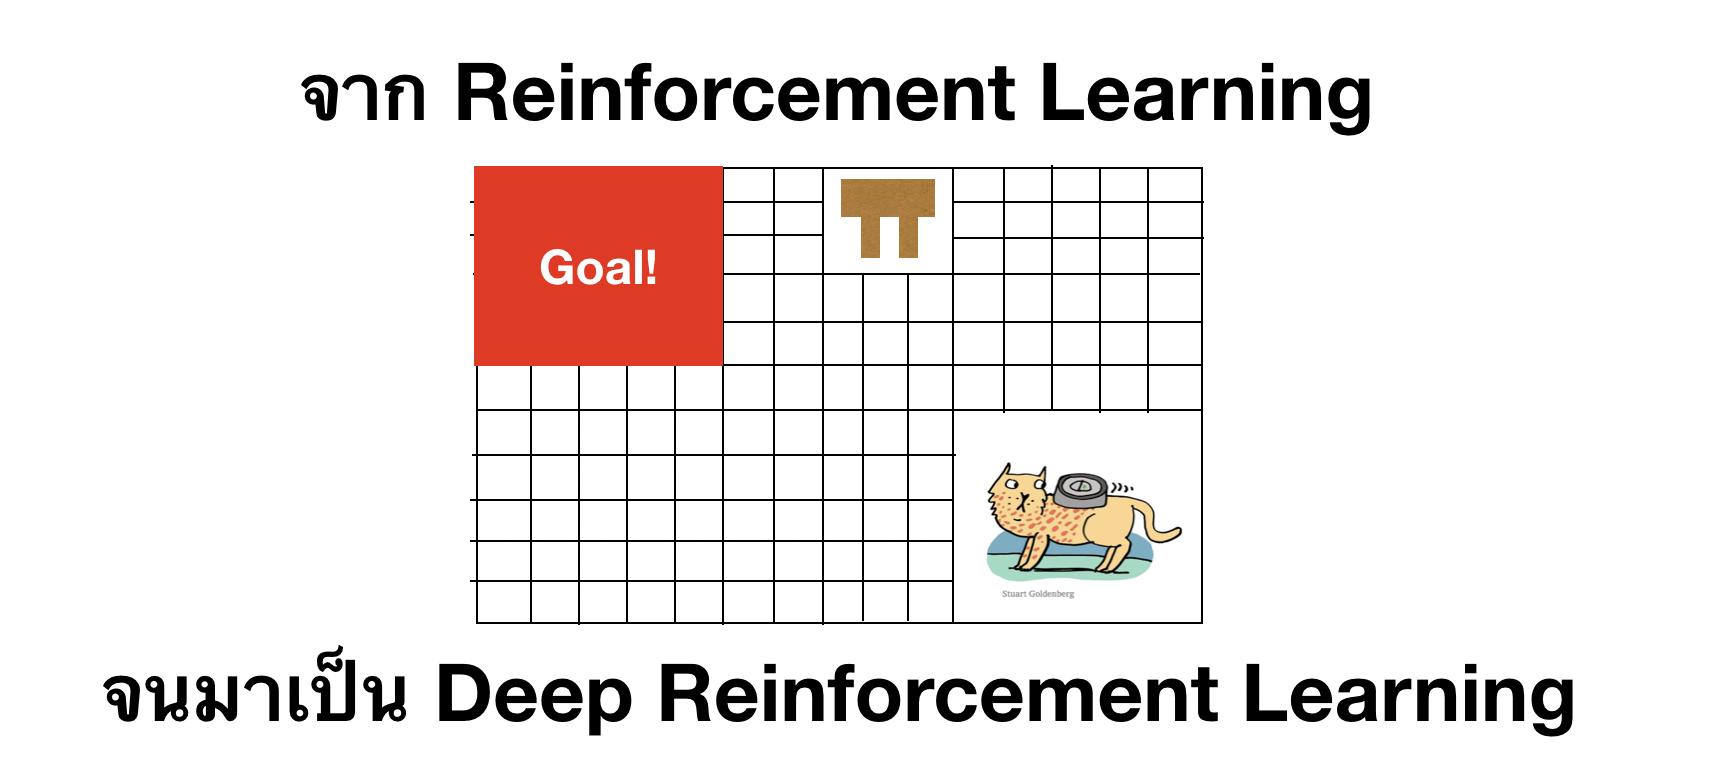 จาก Reinforcement Learning จนมาเป็น Deep Reinforcement Learning (ฉบับพกพา)